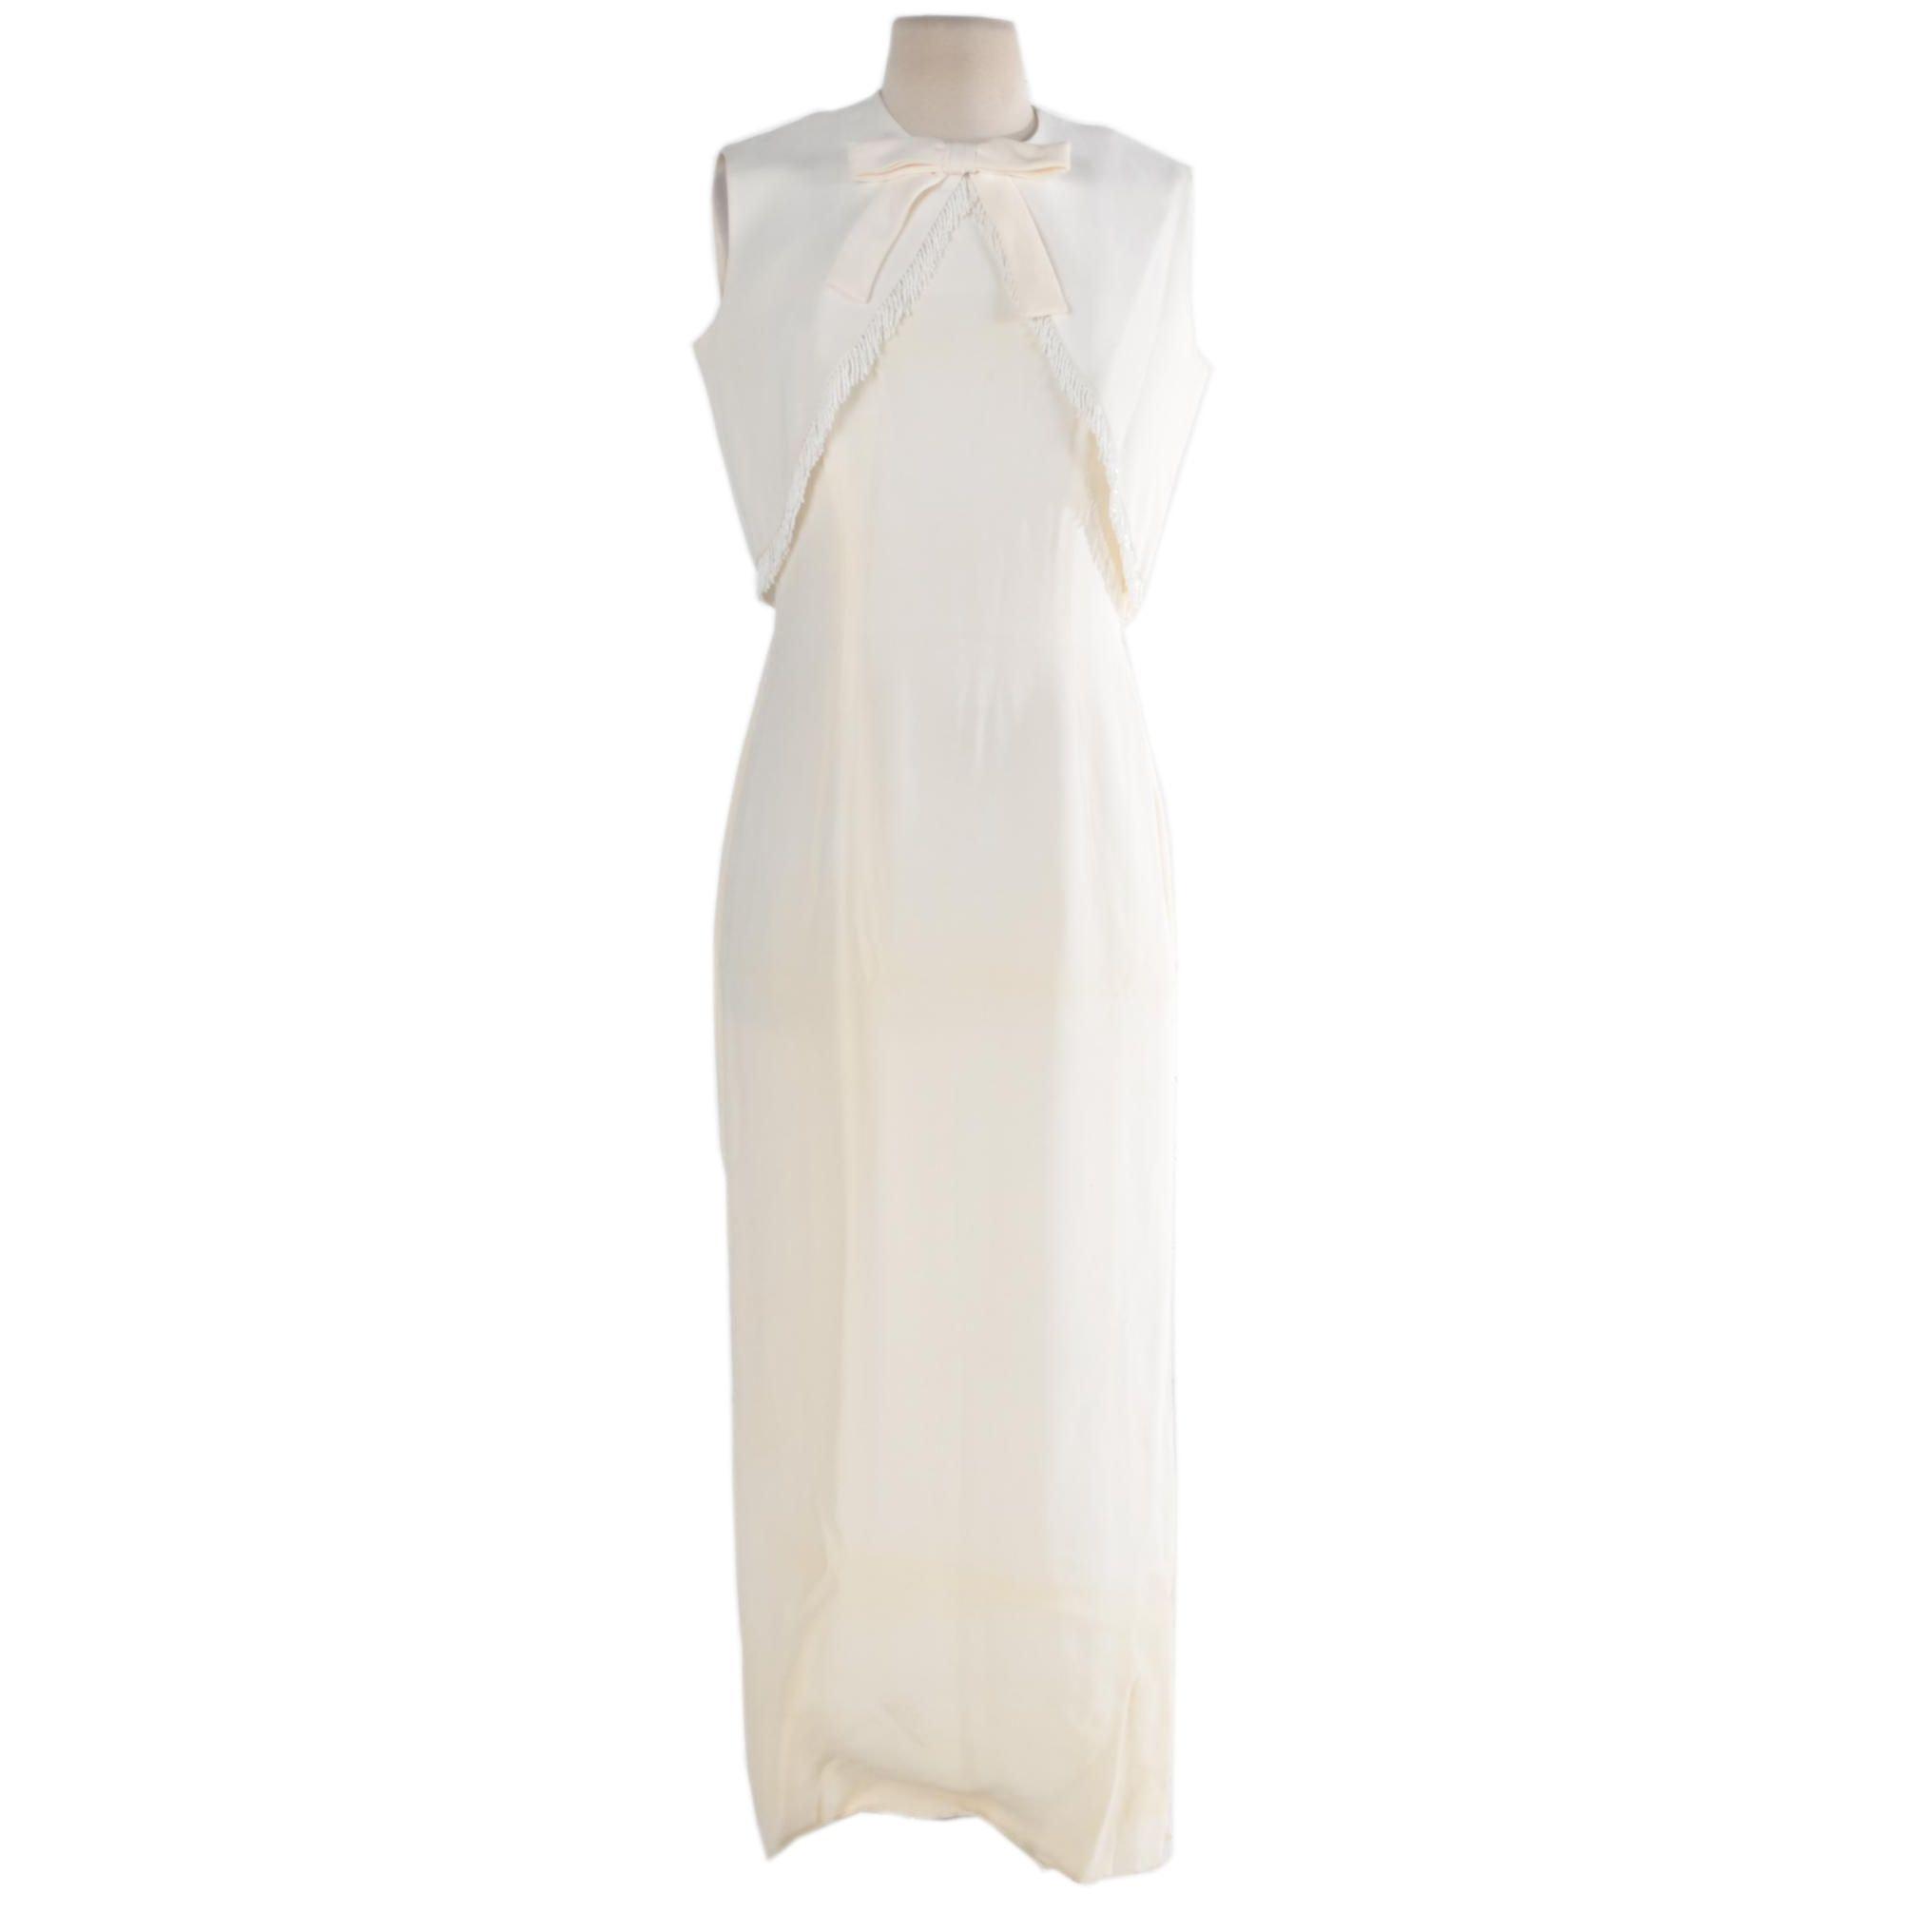 Vintage White Sheath Dress with Beaded Fringe Vest